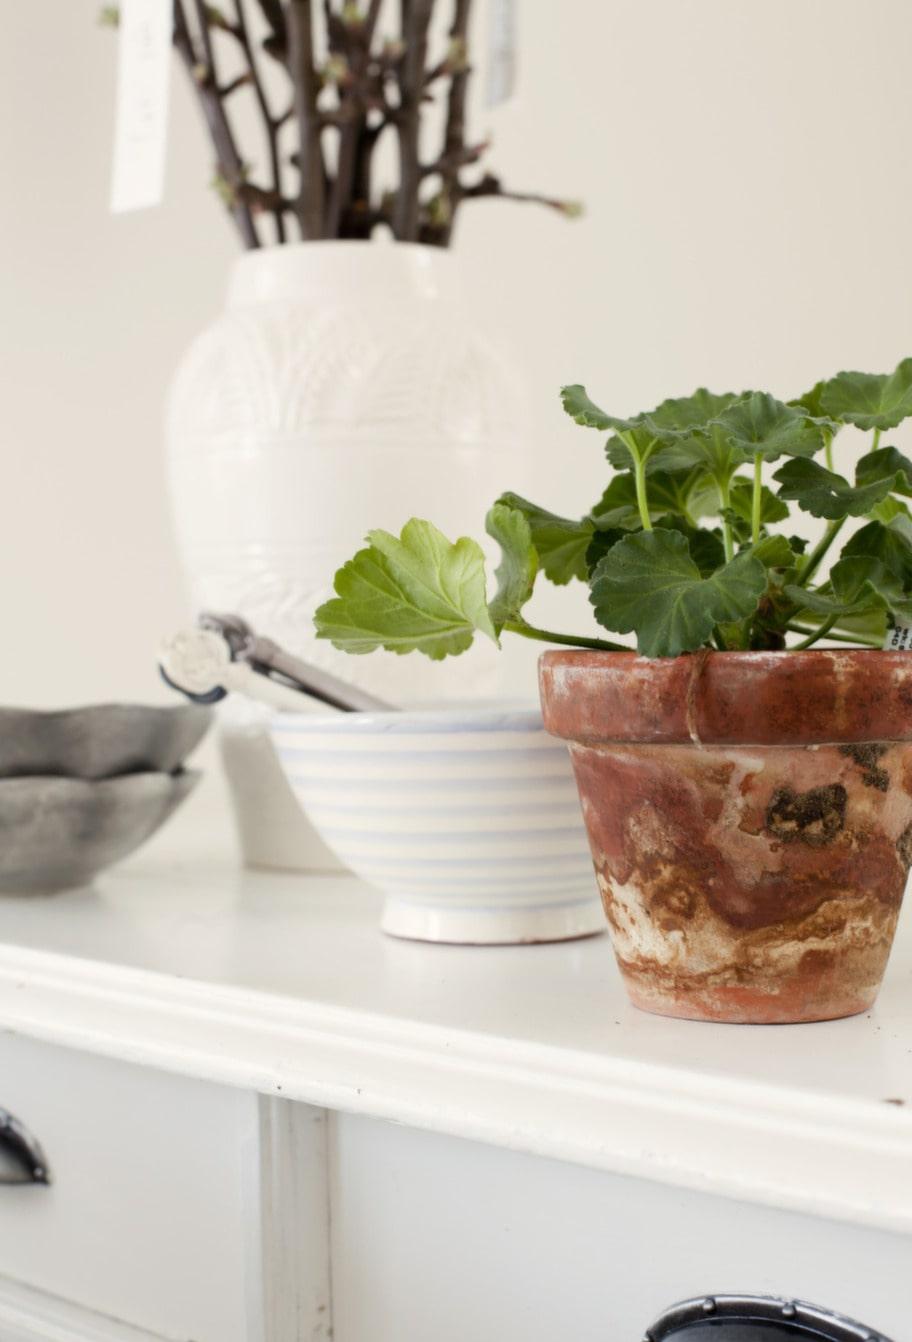 Grönt & skönt. Ett litet pelargonskott blir ett vackert blickfång tillsammans med den randiga skålen från Tine K.